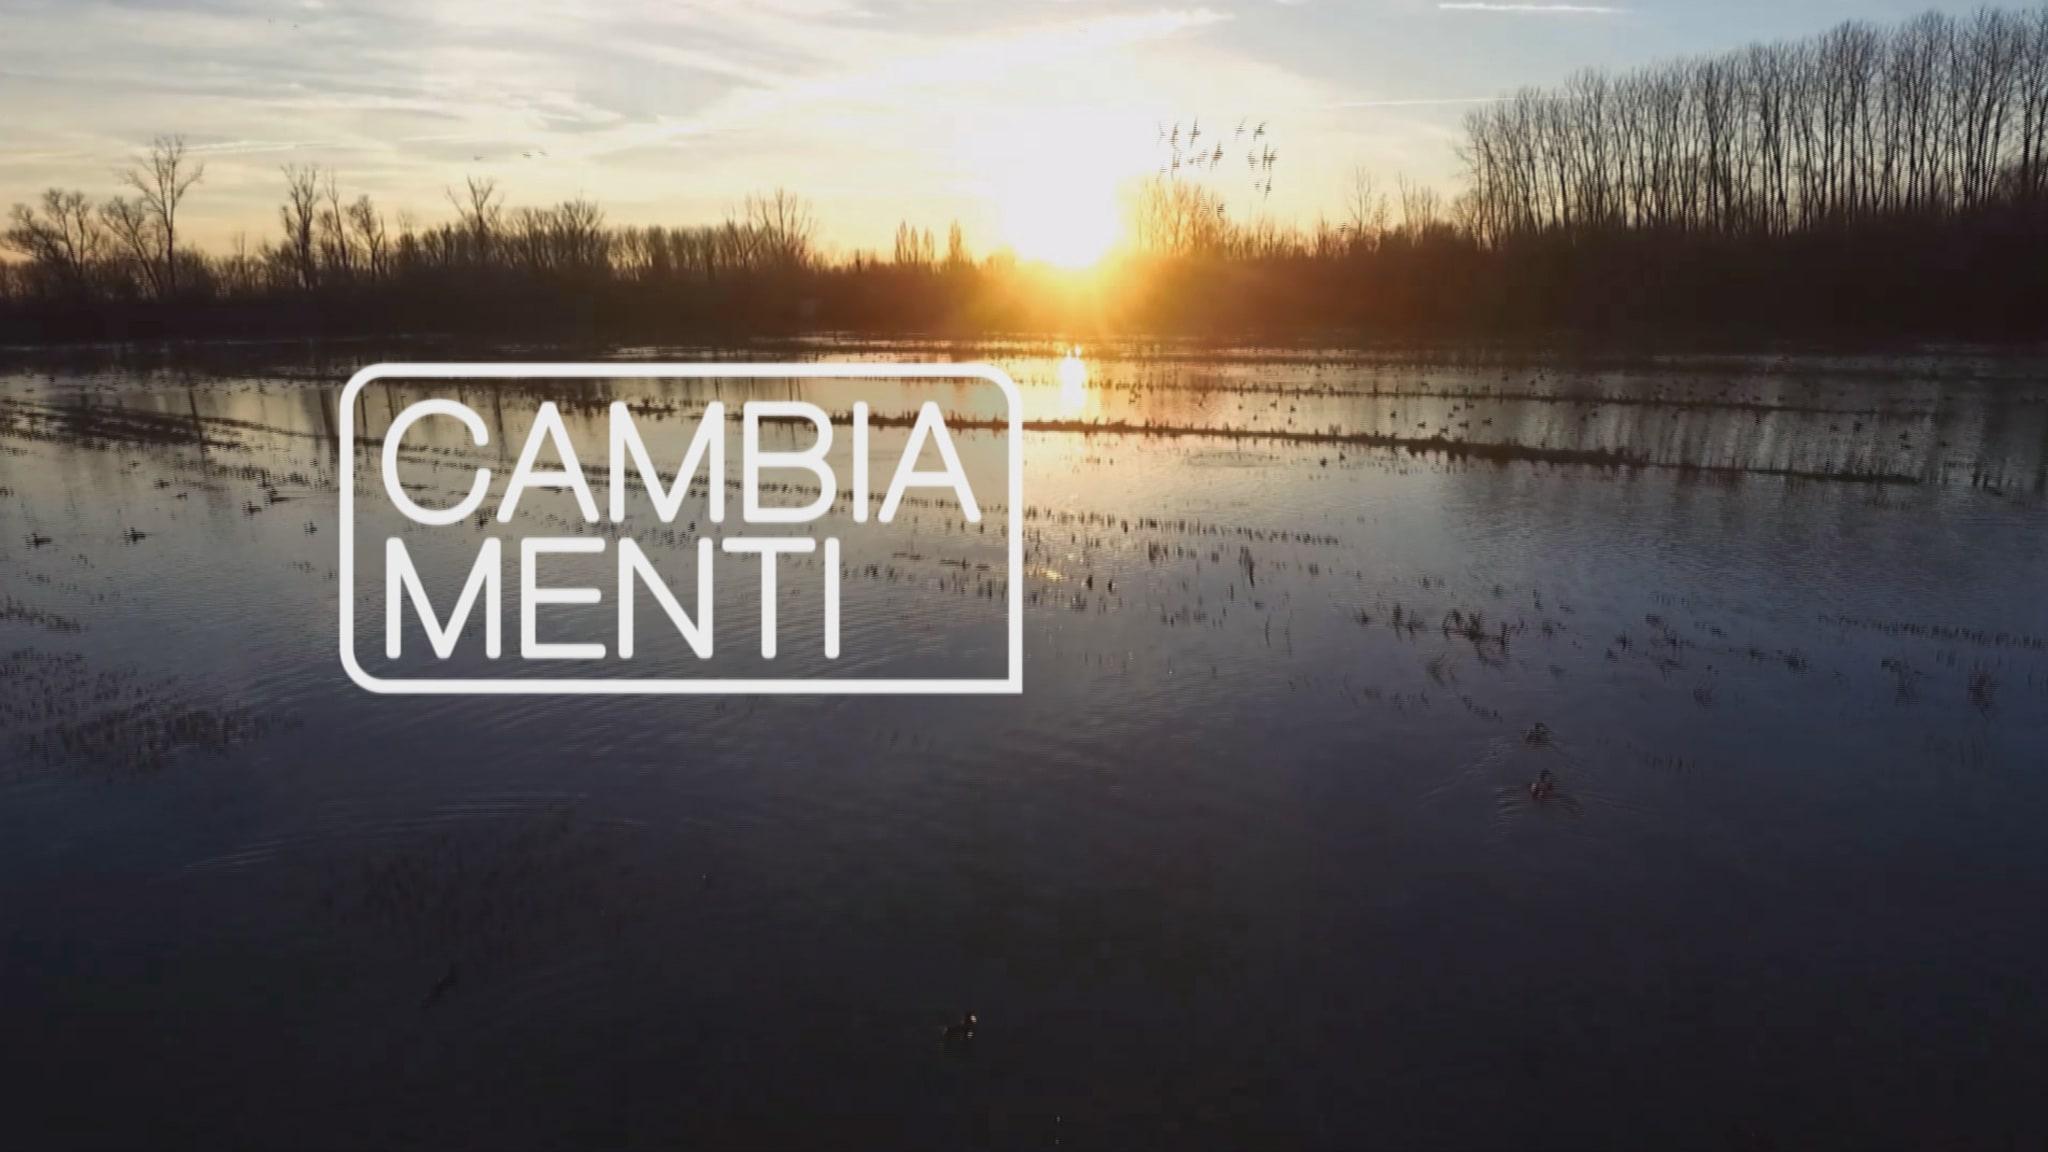 Rai Scuola Memex CambiaMenti - ep. 04 - Curare Replica